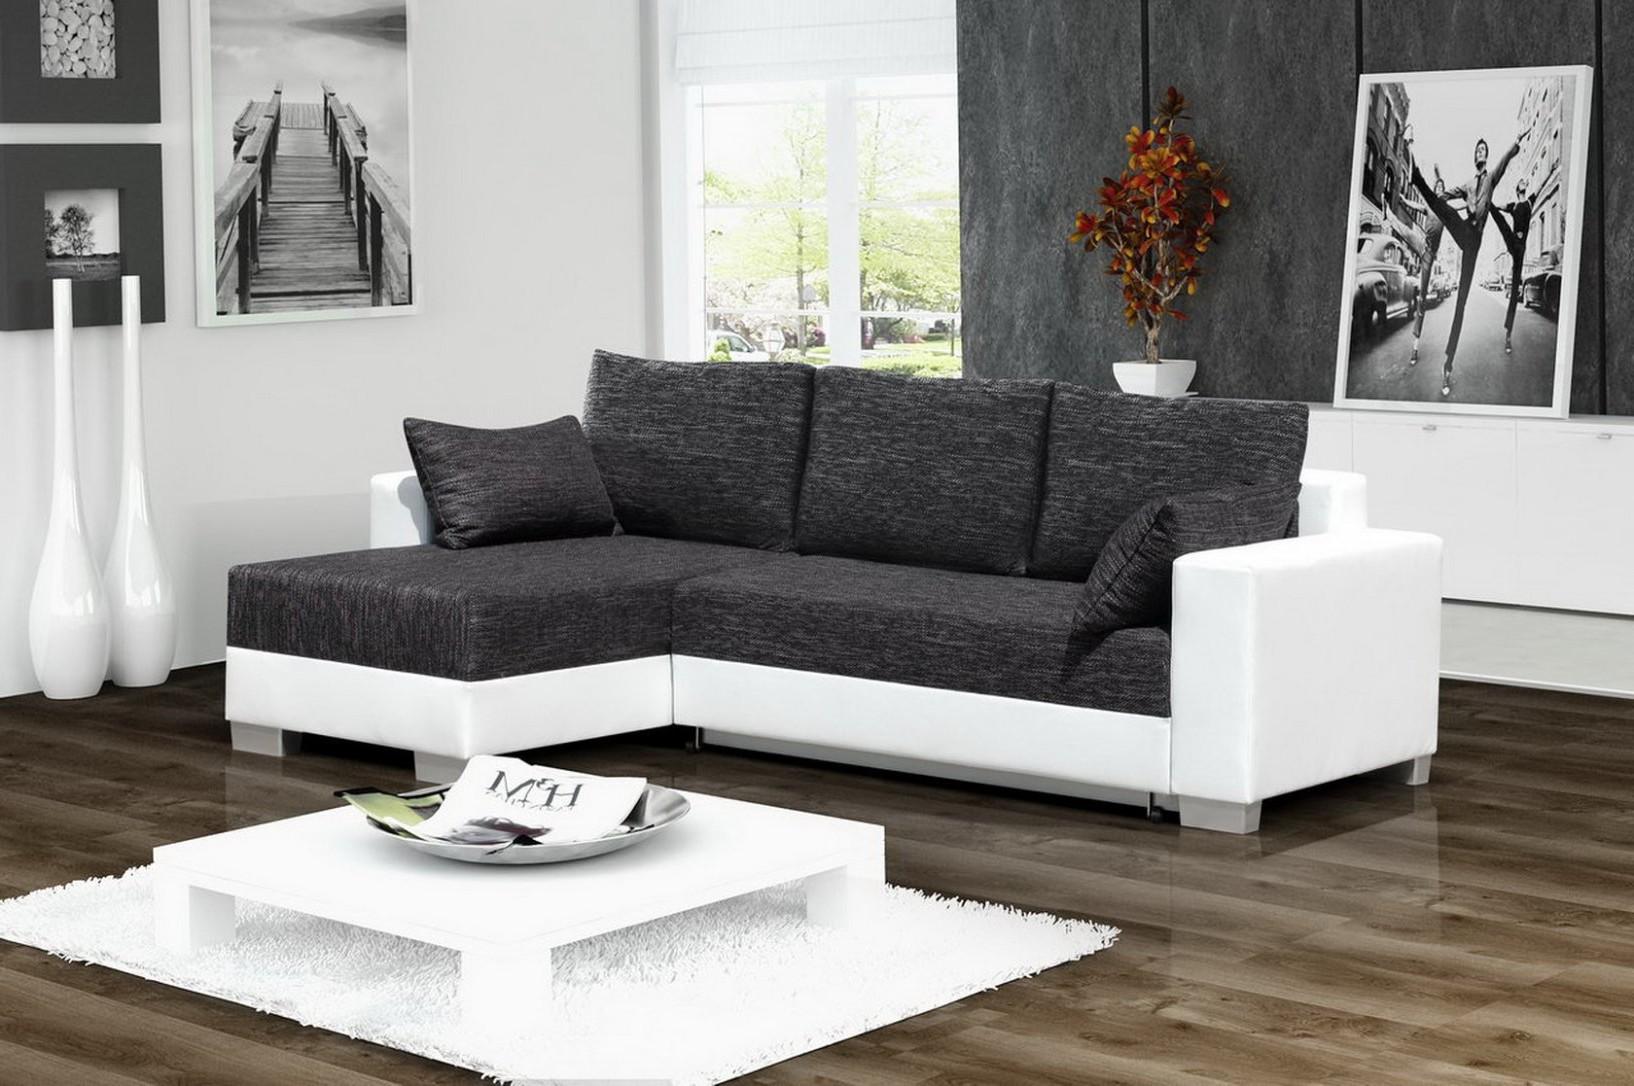 Canapé D'angle Blanc Et Gris